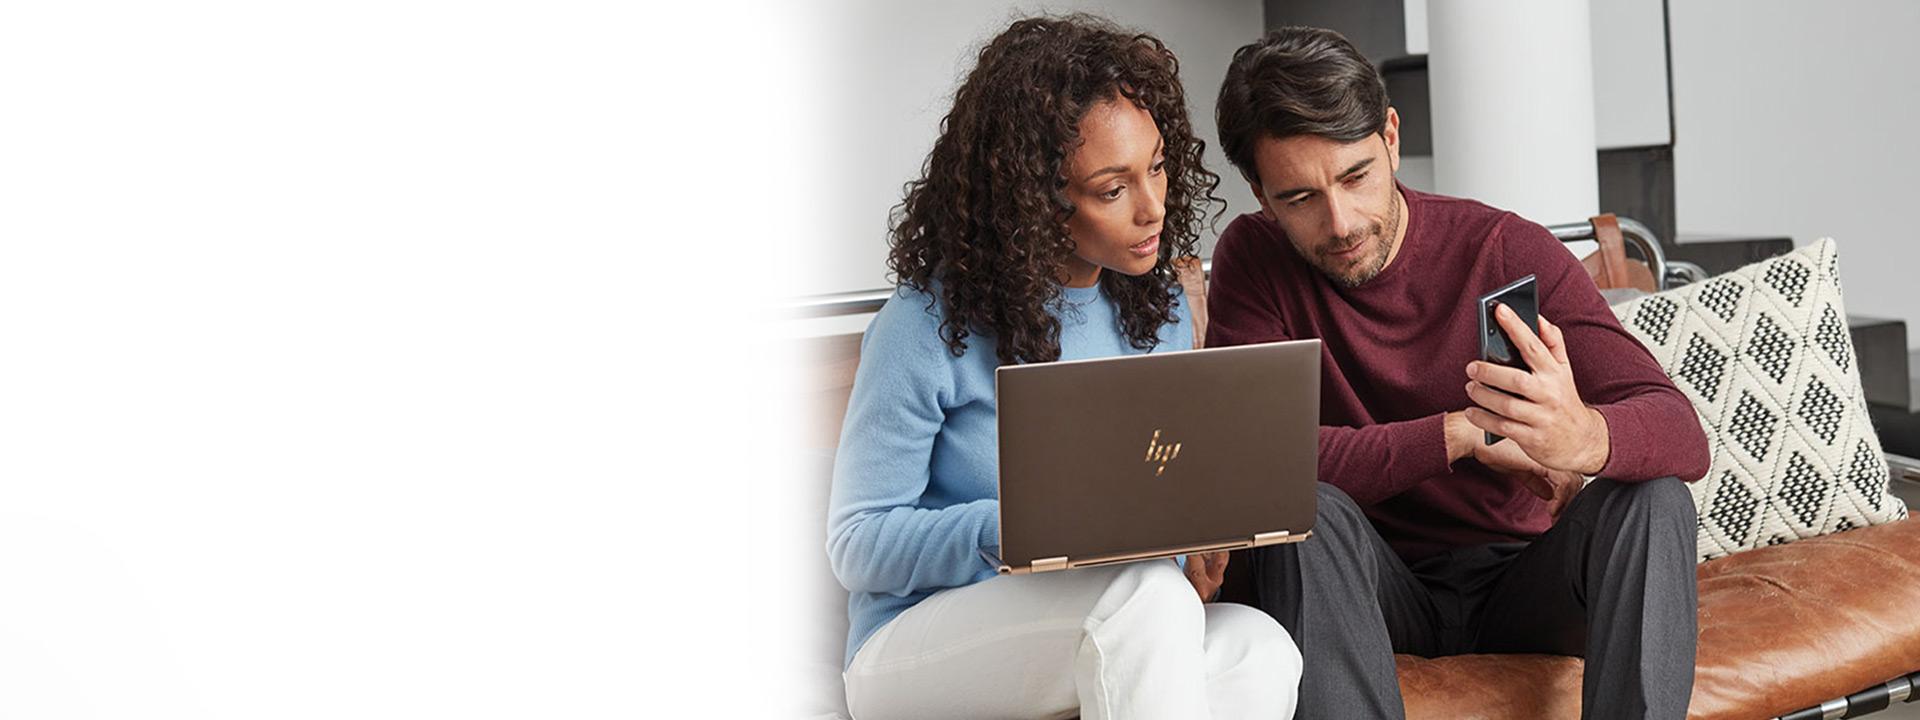 ผู้หญิงและผู้ชายคู่หนึ่งกำลังนั่งดูแล็ปท็อป Windows 10 และอุปกรณ์มือถือด้วยกันบนโซฟา